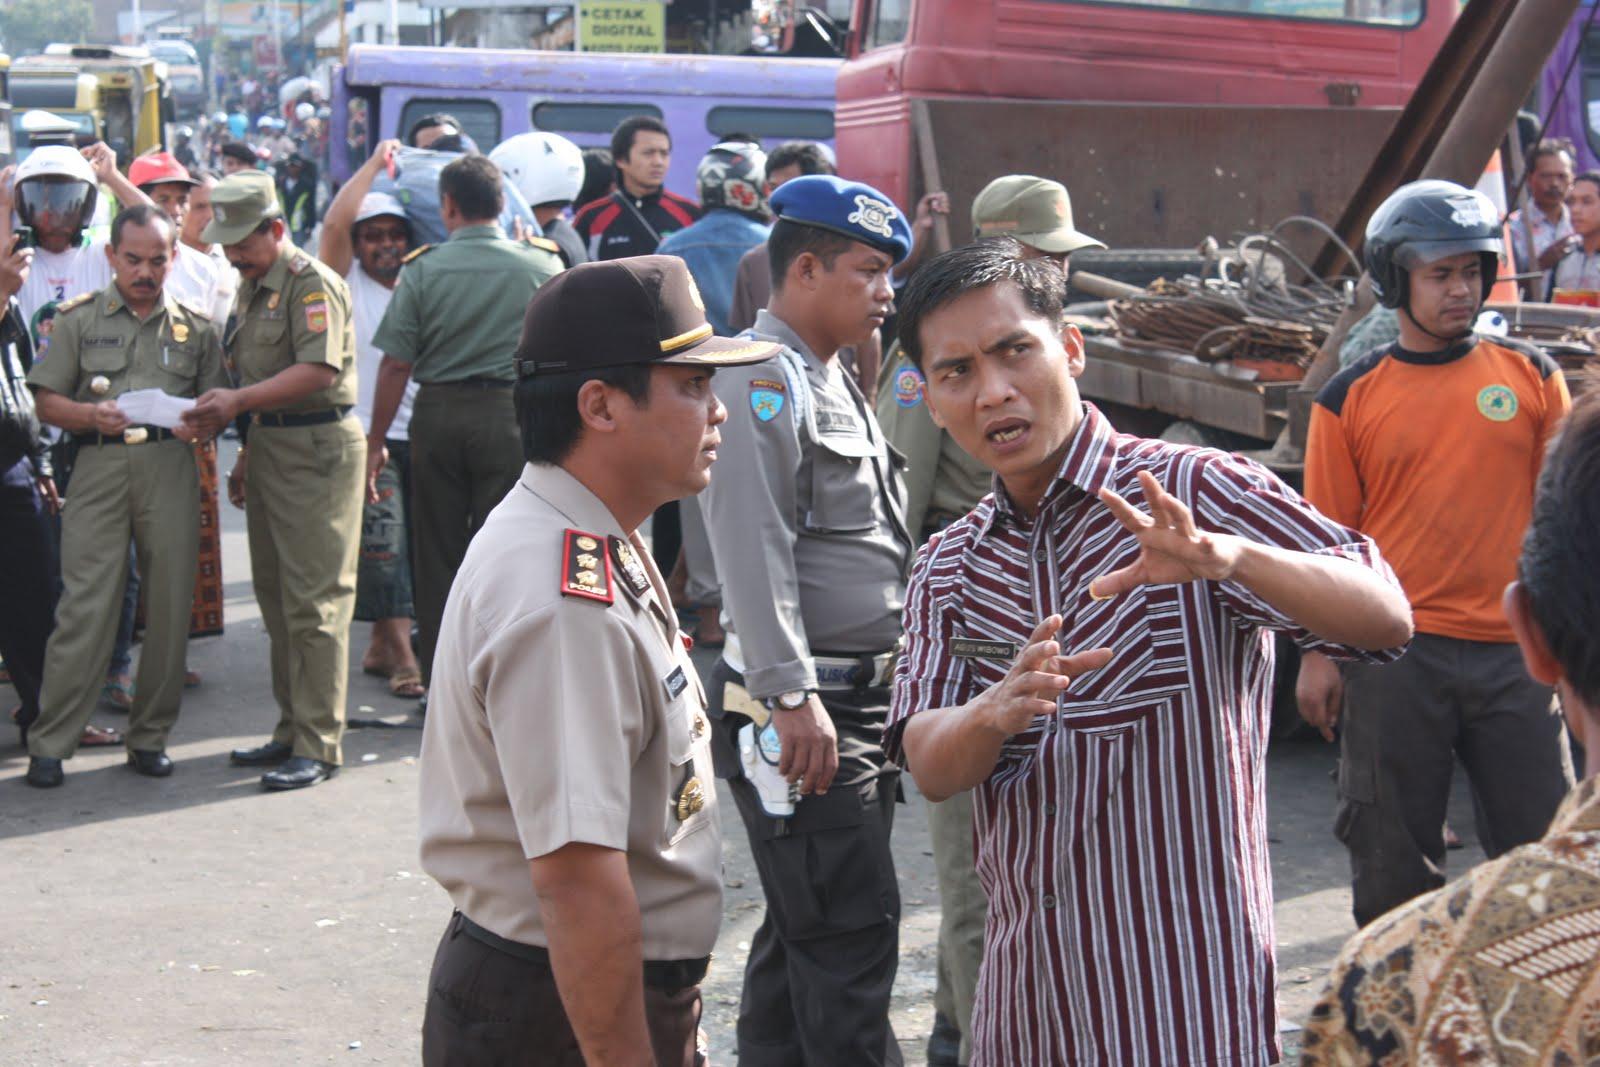 Blognya Kertek Wonosobo Truk Seruduk Pasar 4 Tewas 24 Luka